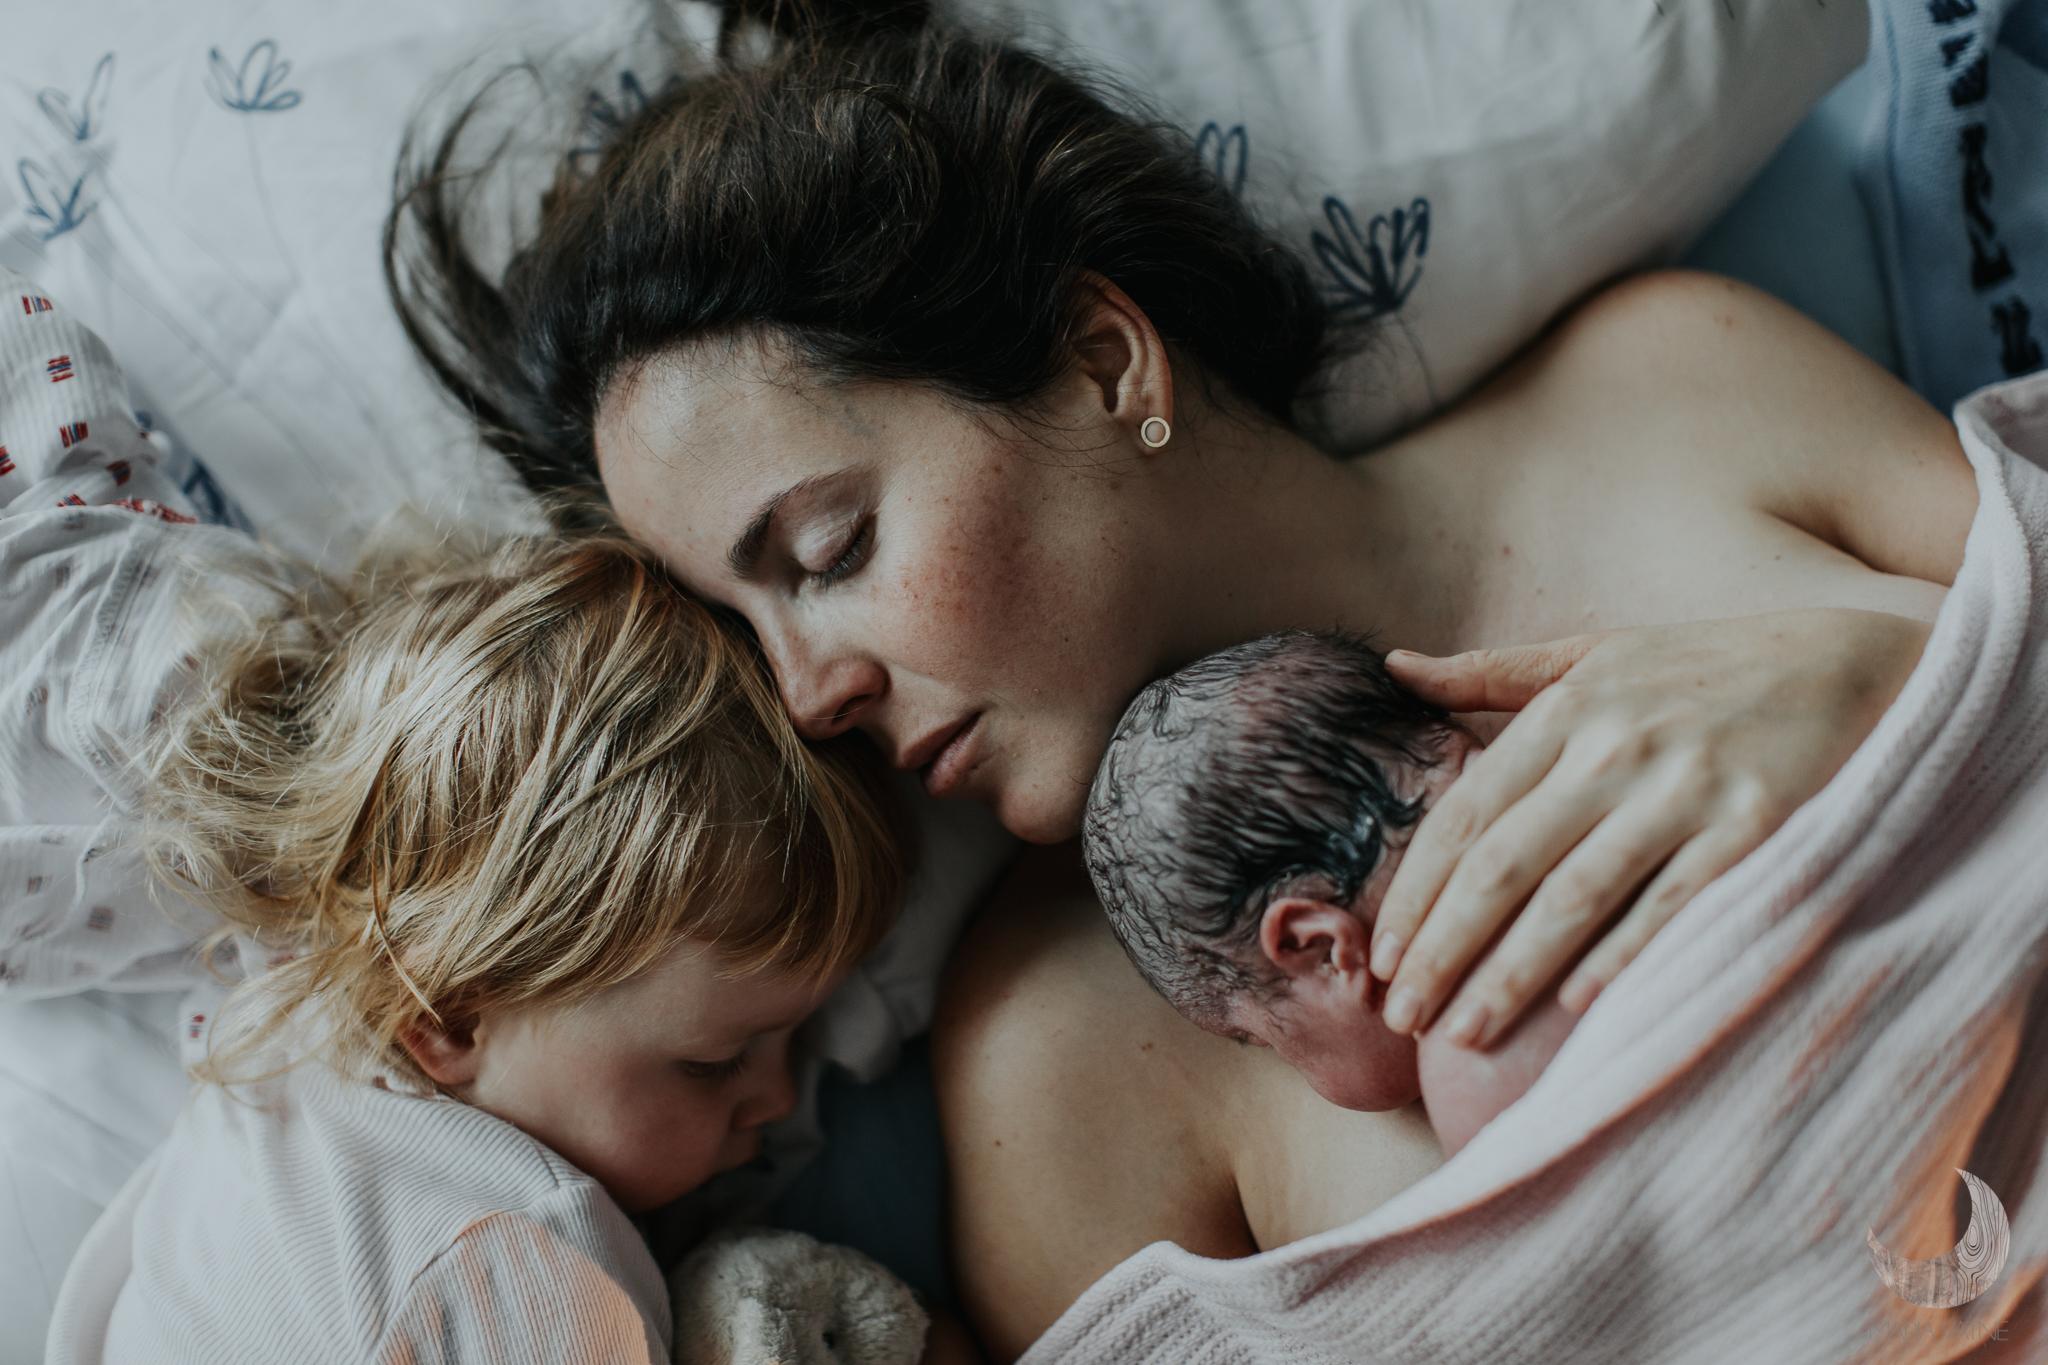 fødselsfotograf-oslo-kongsberg-nyfødtfotograf-maria vatne-01.jpg